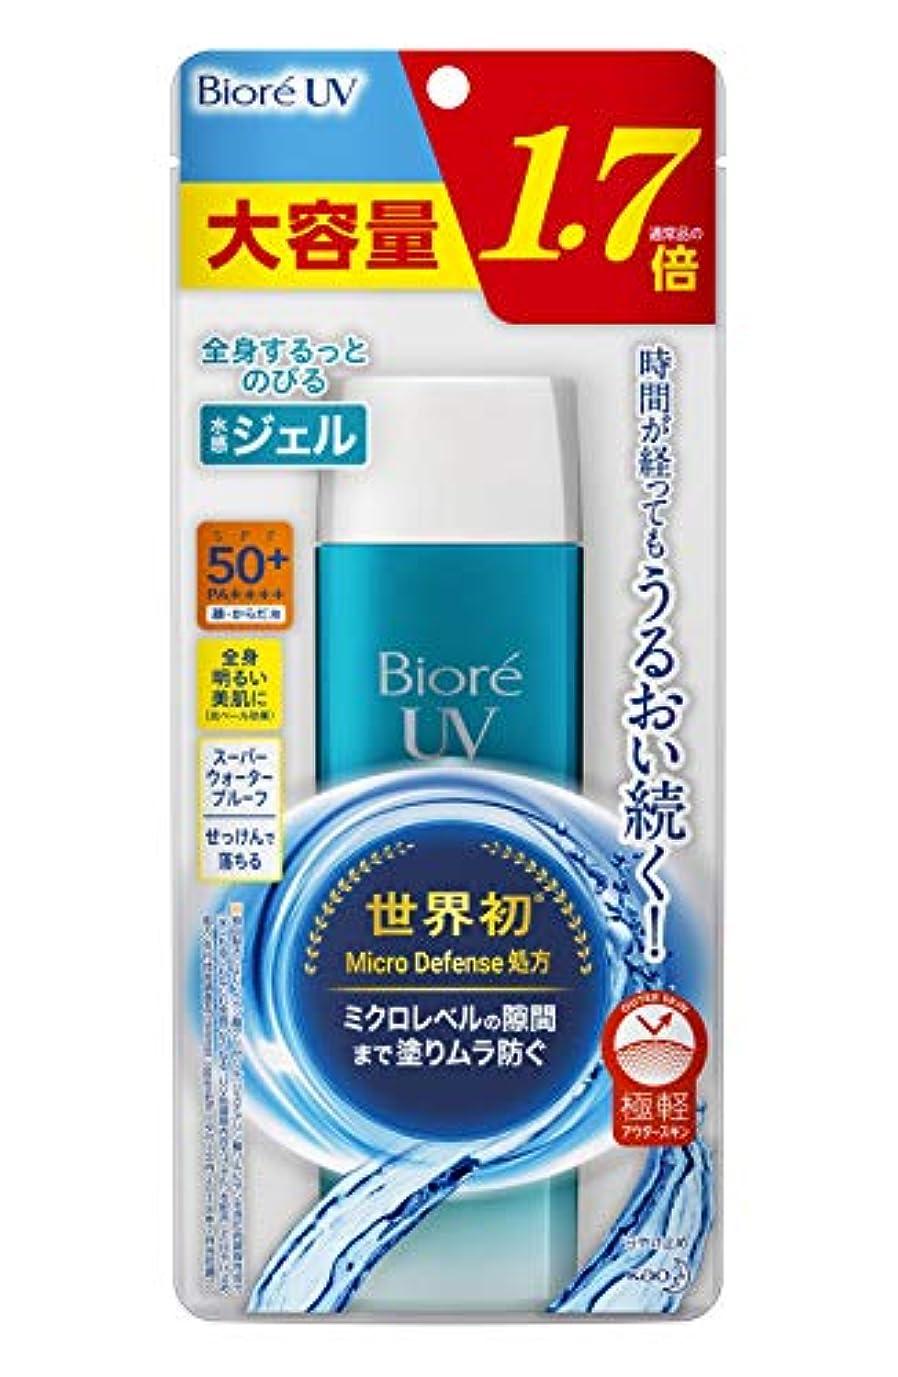 【大容量】 ビオレUV アクアリッチ ウォータリージェル 155ml (通常品の1.7倍) 日焼け止め SPF50+ / PA++++